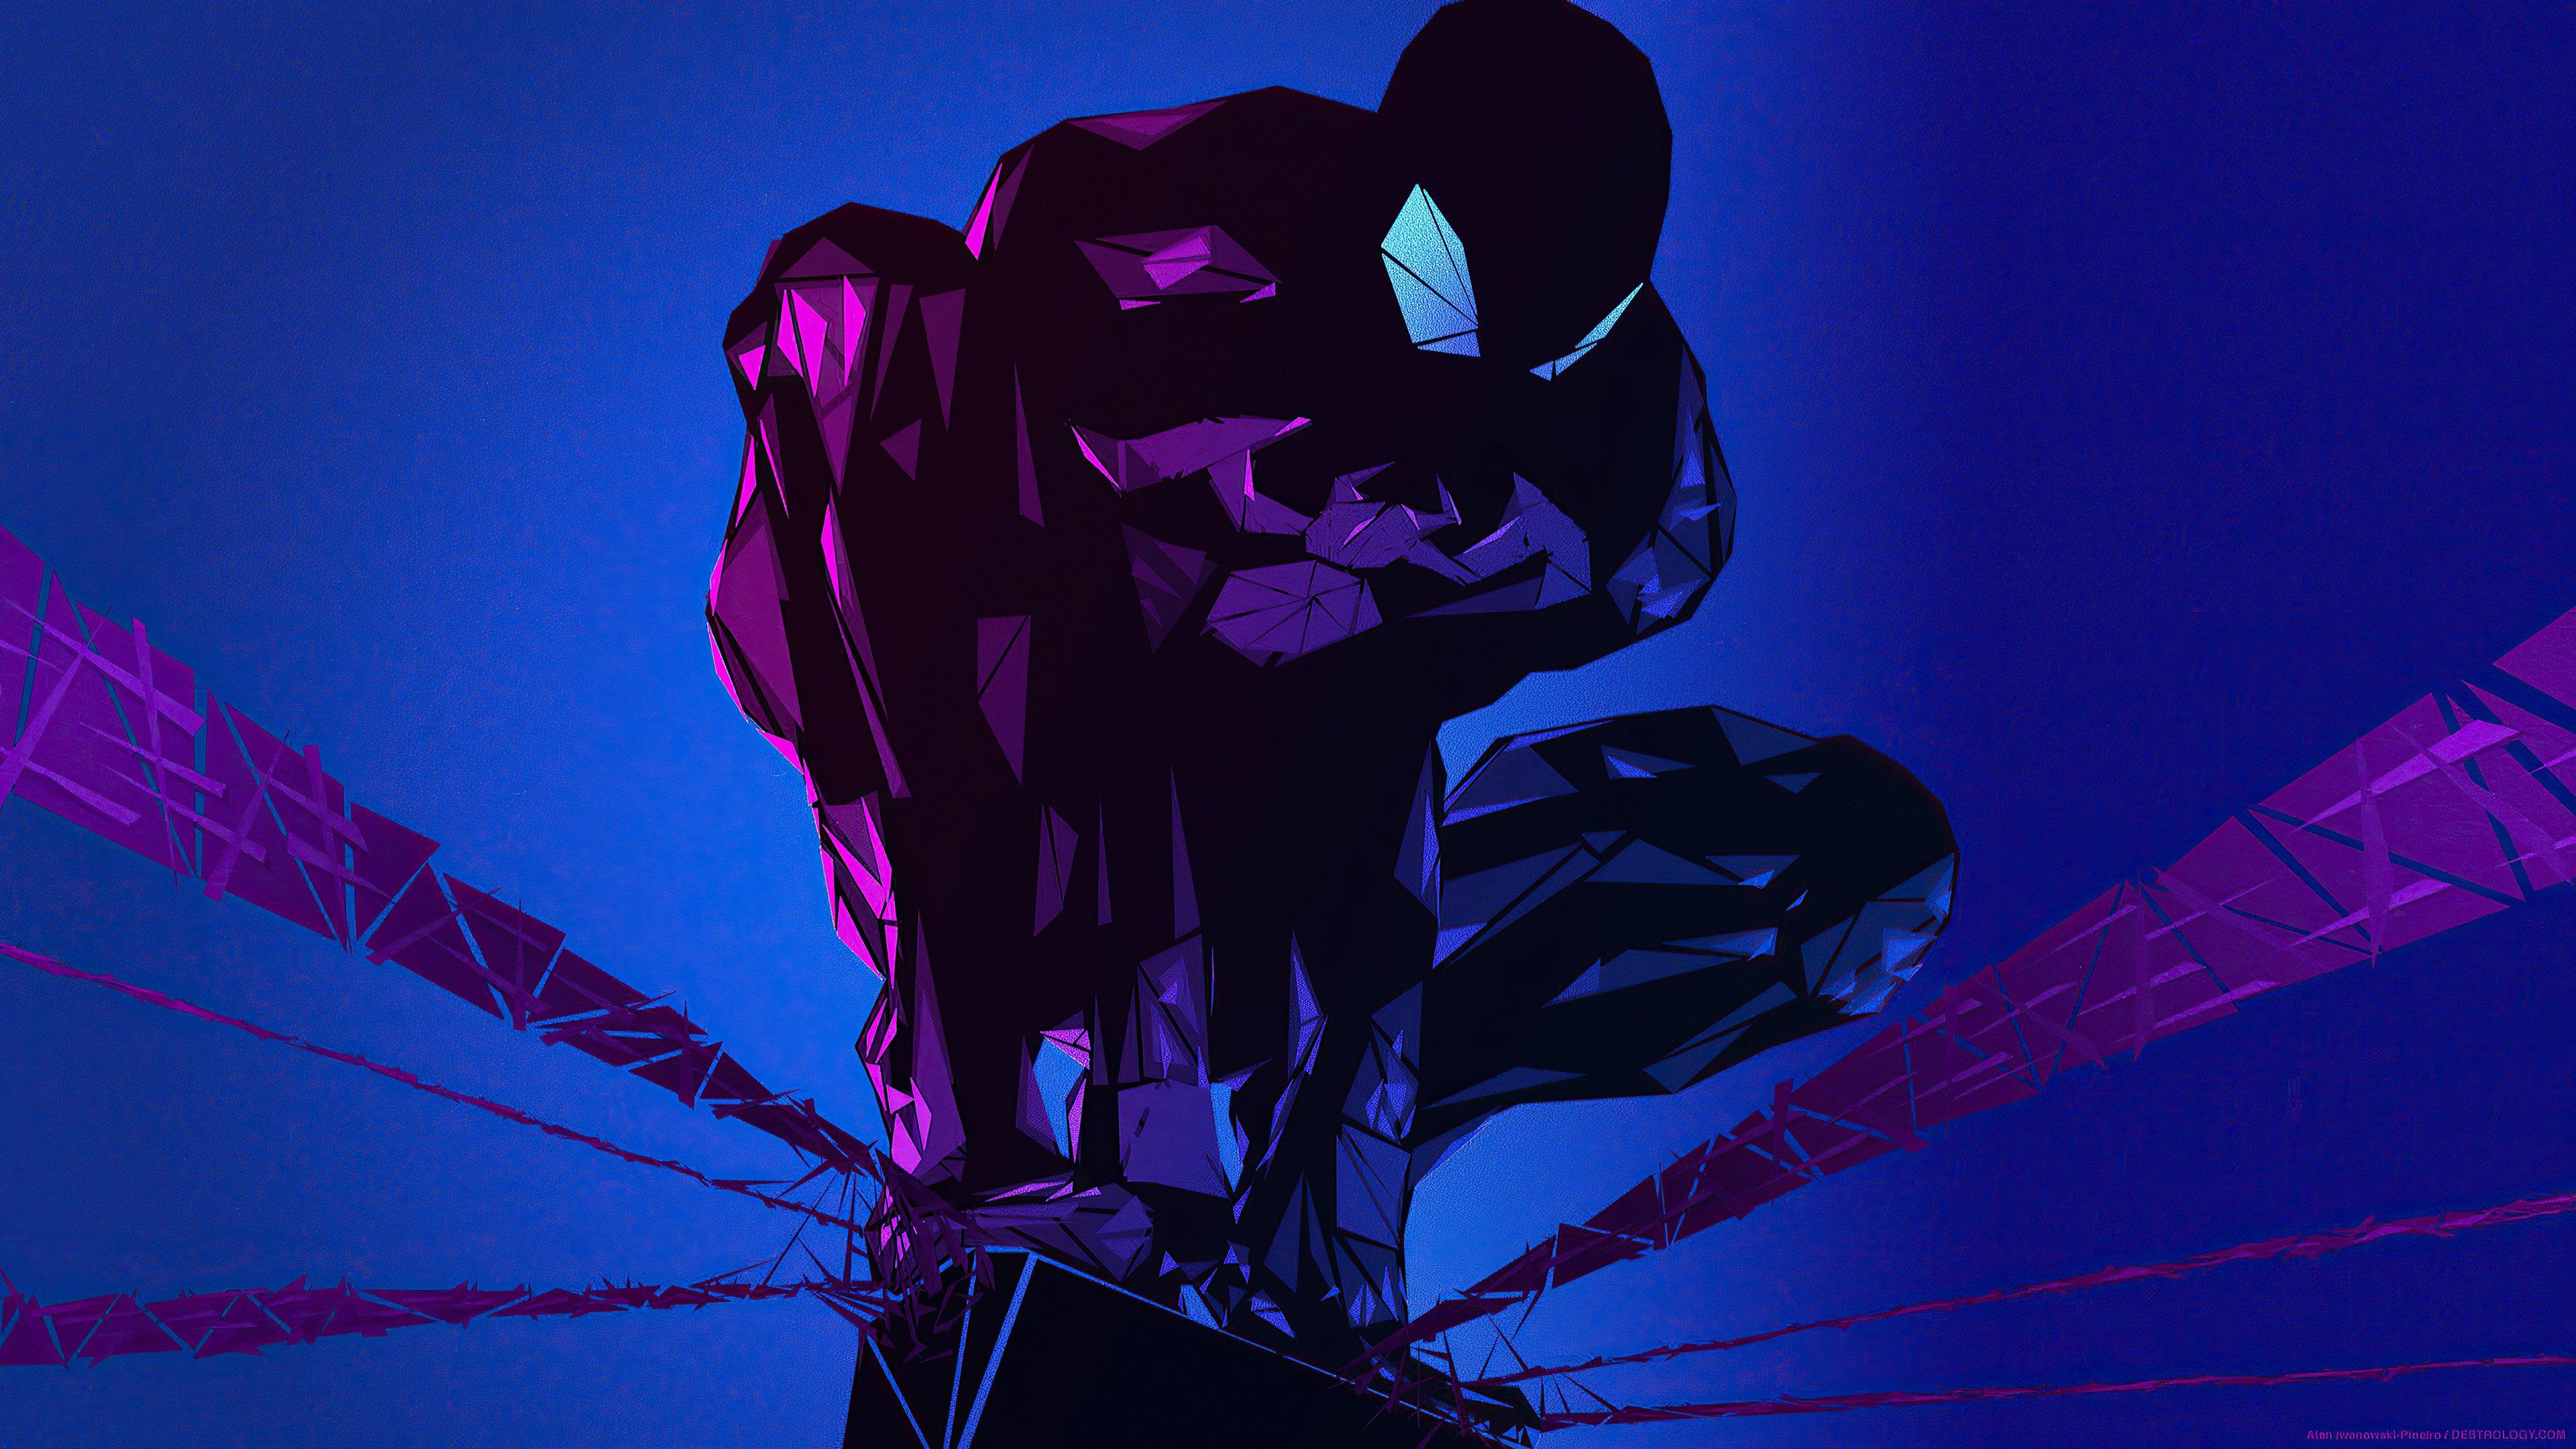 Fondos de pantalla El hombre araña hecho de poligonos